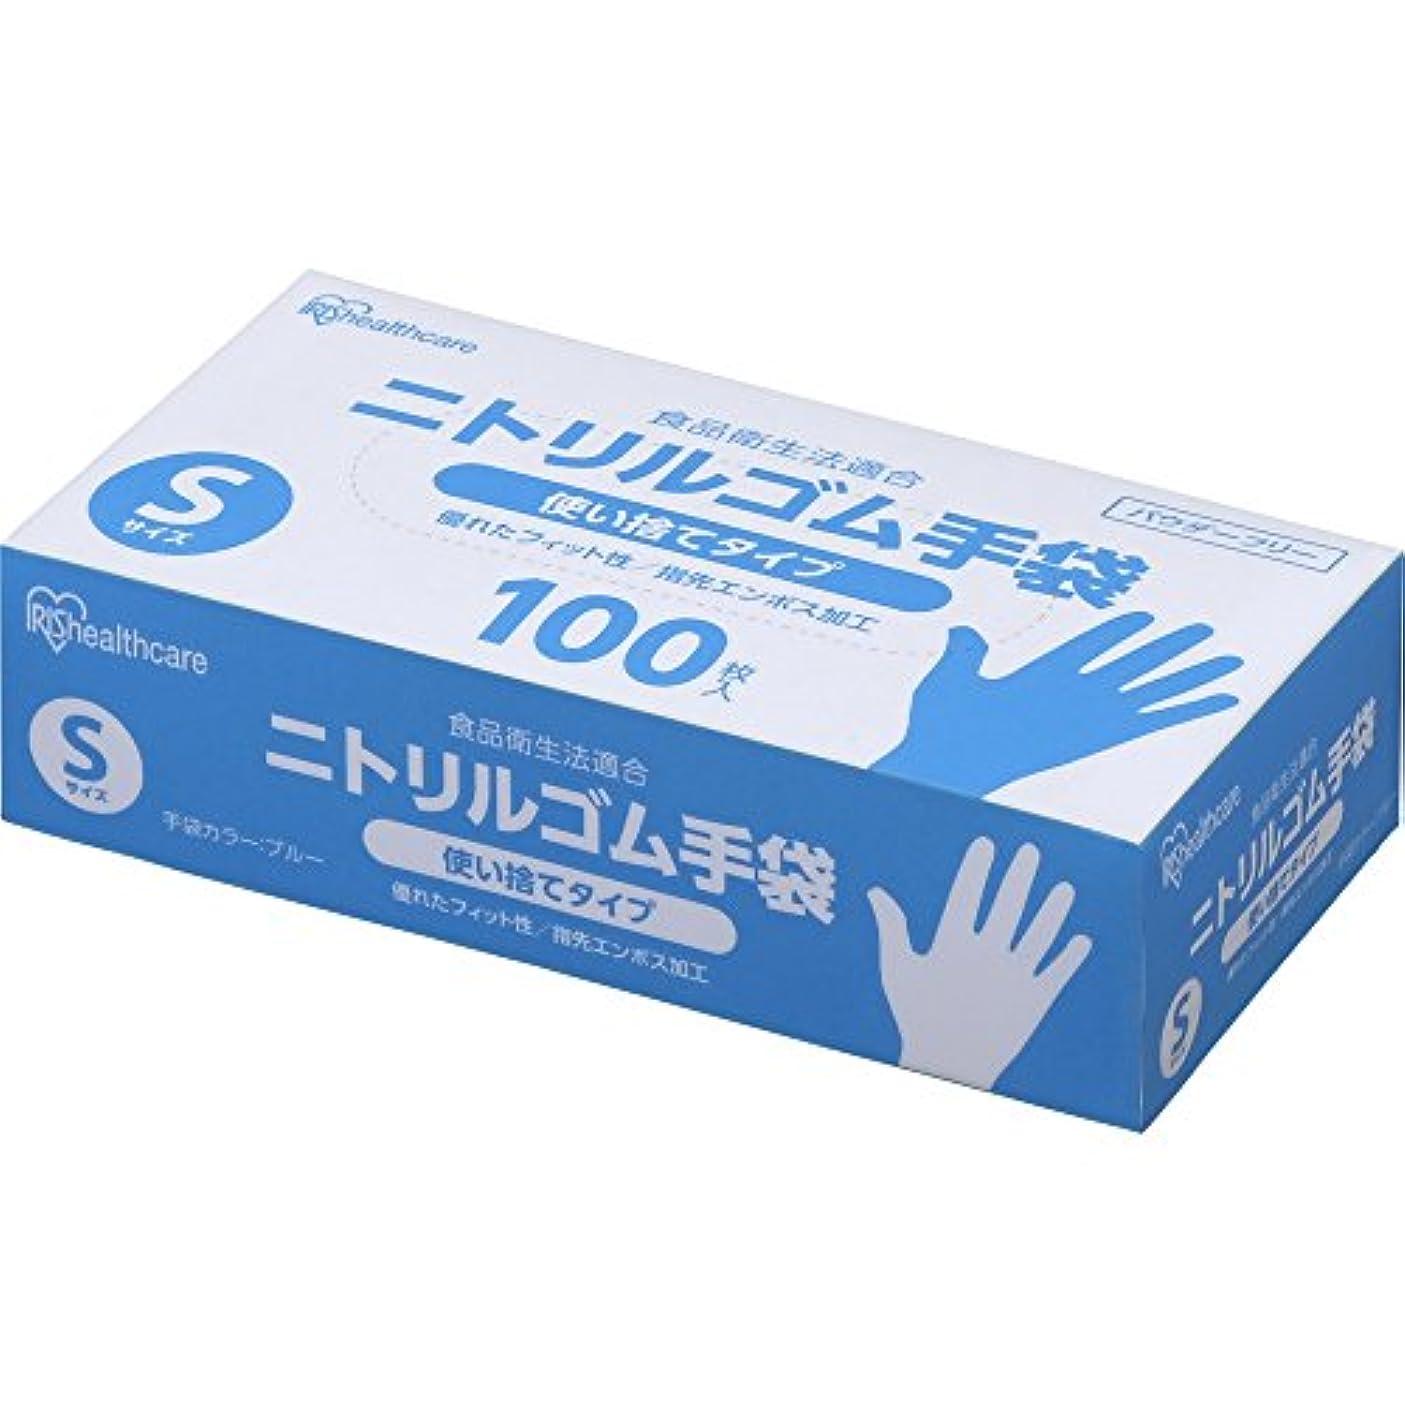 魔術師方向投票アイリスオーヤマ 使い捨て手袋 ブルー ニトリルゴム 100枚 Sサイズ 業務用